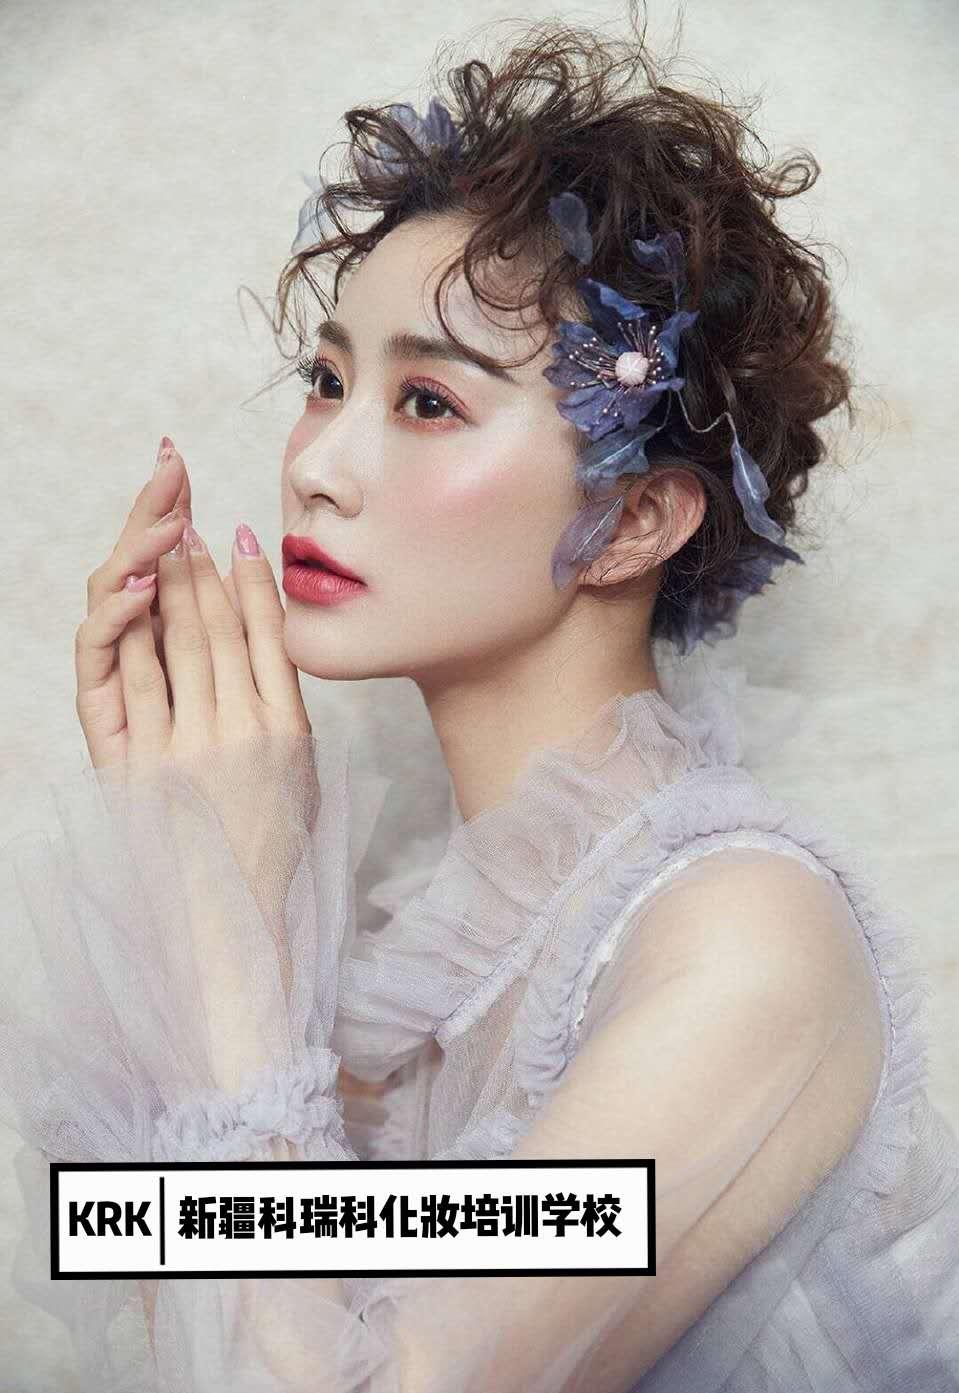 成都附近化妆培训怎么学 诚信为本 新疆科瑞科文化传媒供应